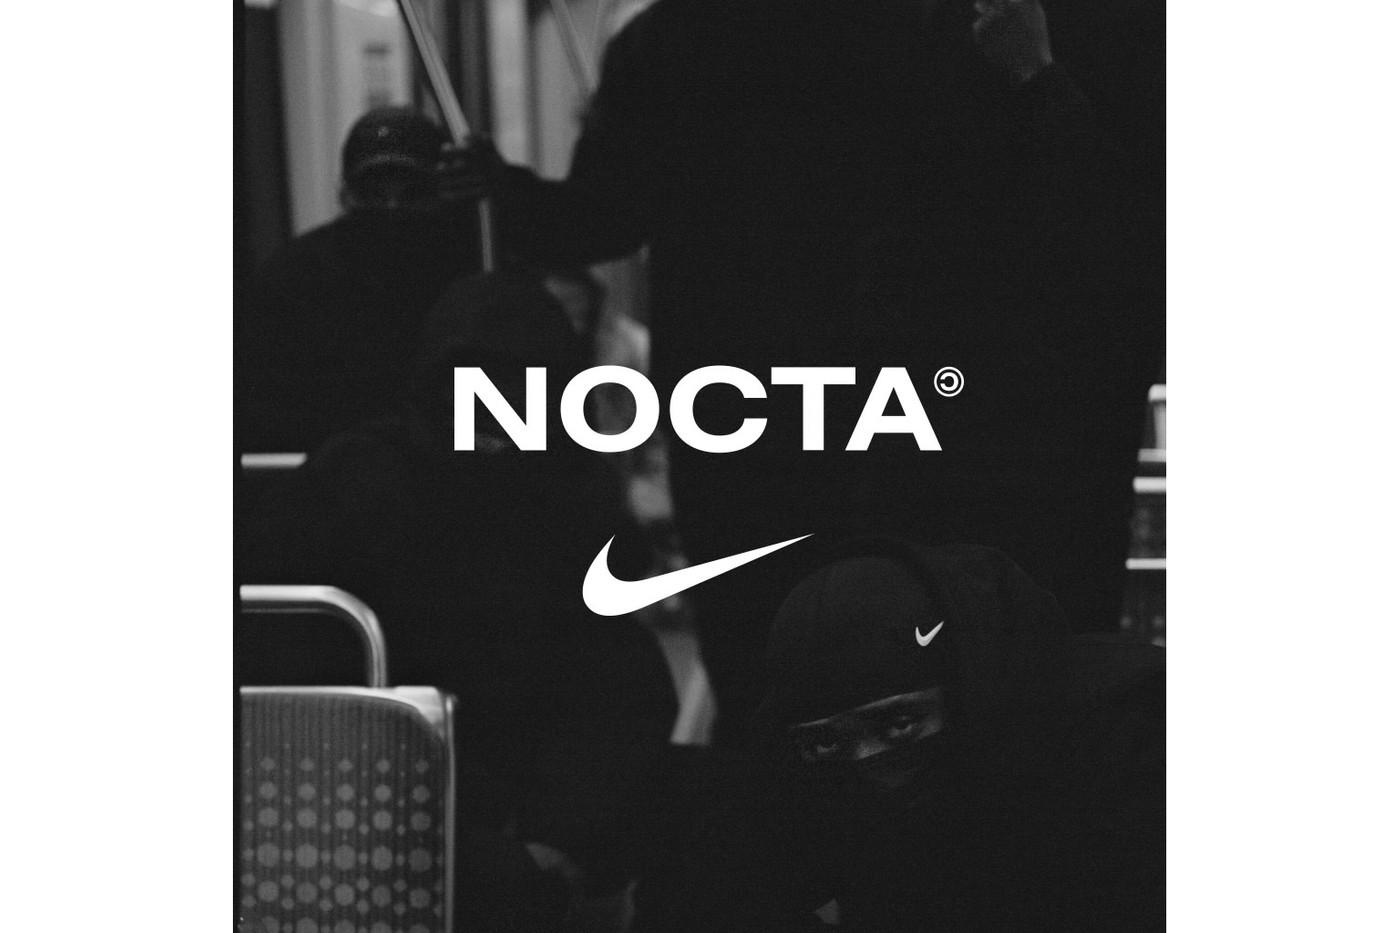 Дрейк и Nike показали лукбук второго дропа совместной линии NOCTA (фото 6)